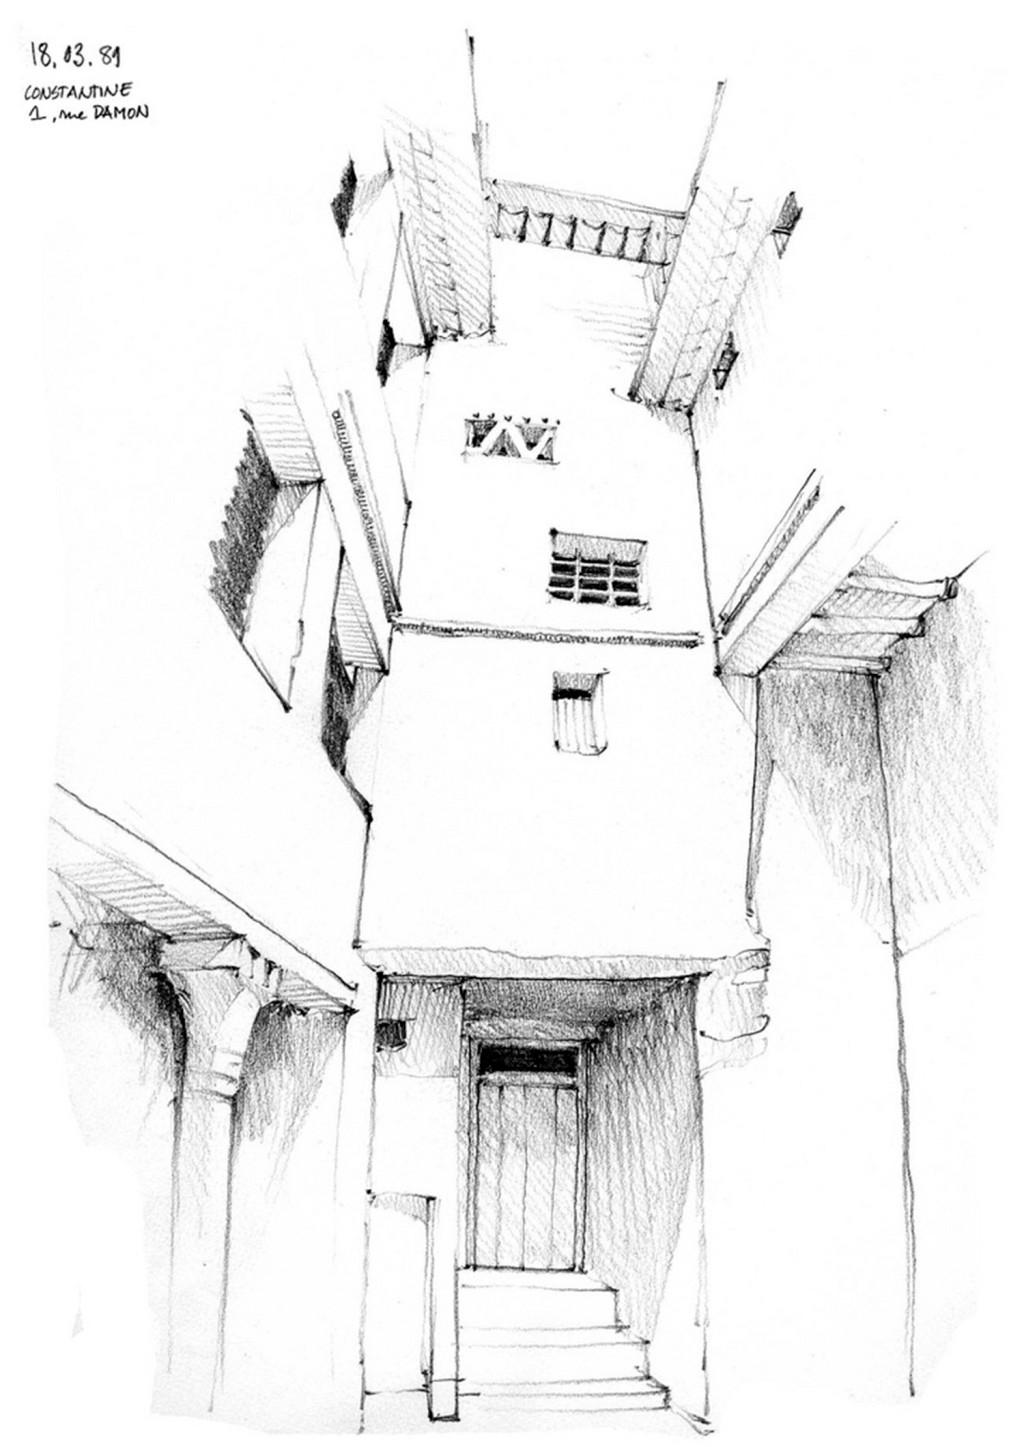 普通欧式建筑 建筑平面图素材免费下载 手绘图 图纸 城堡 建筑施工图